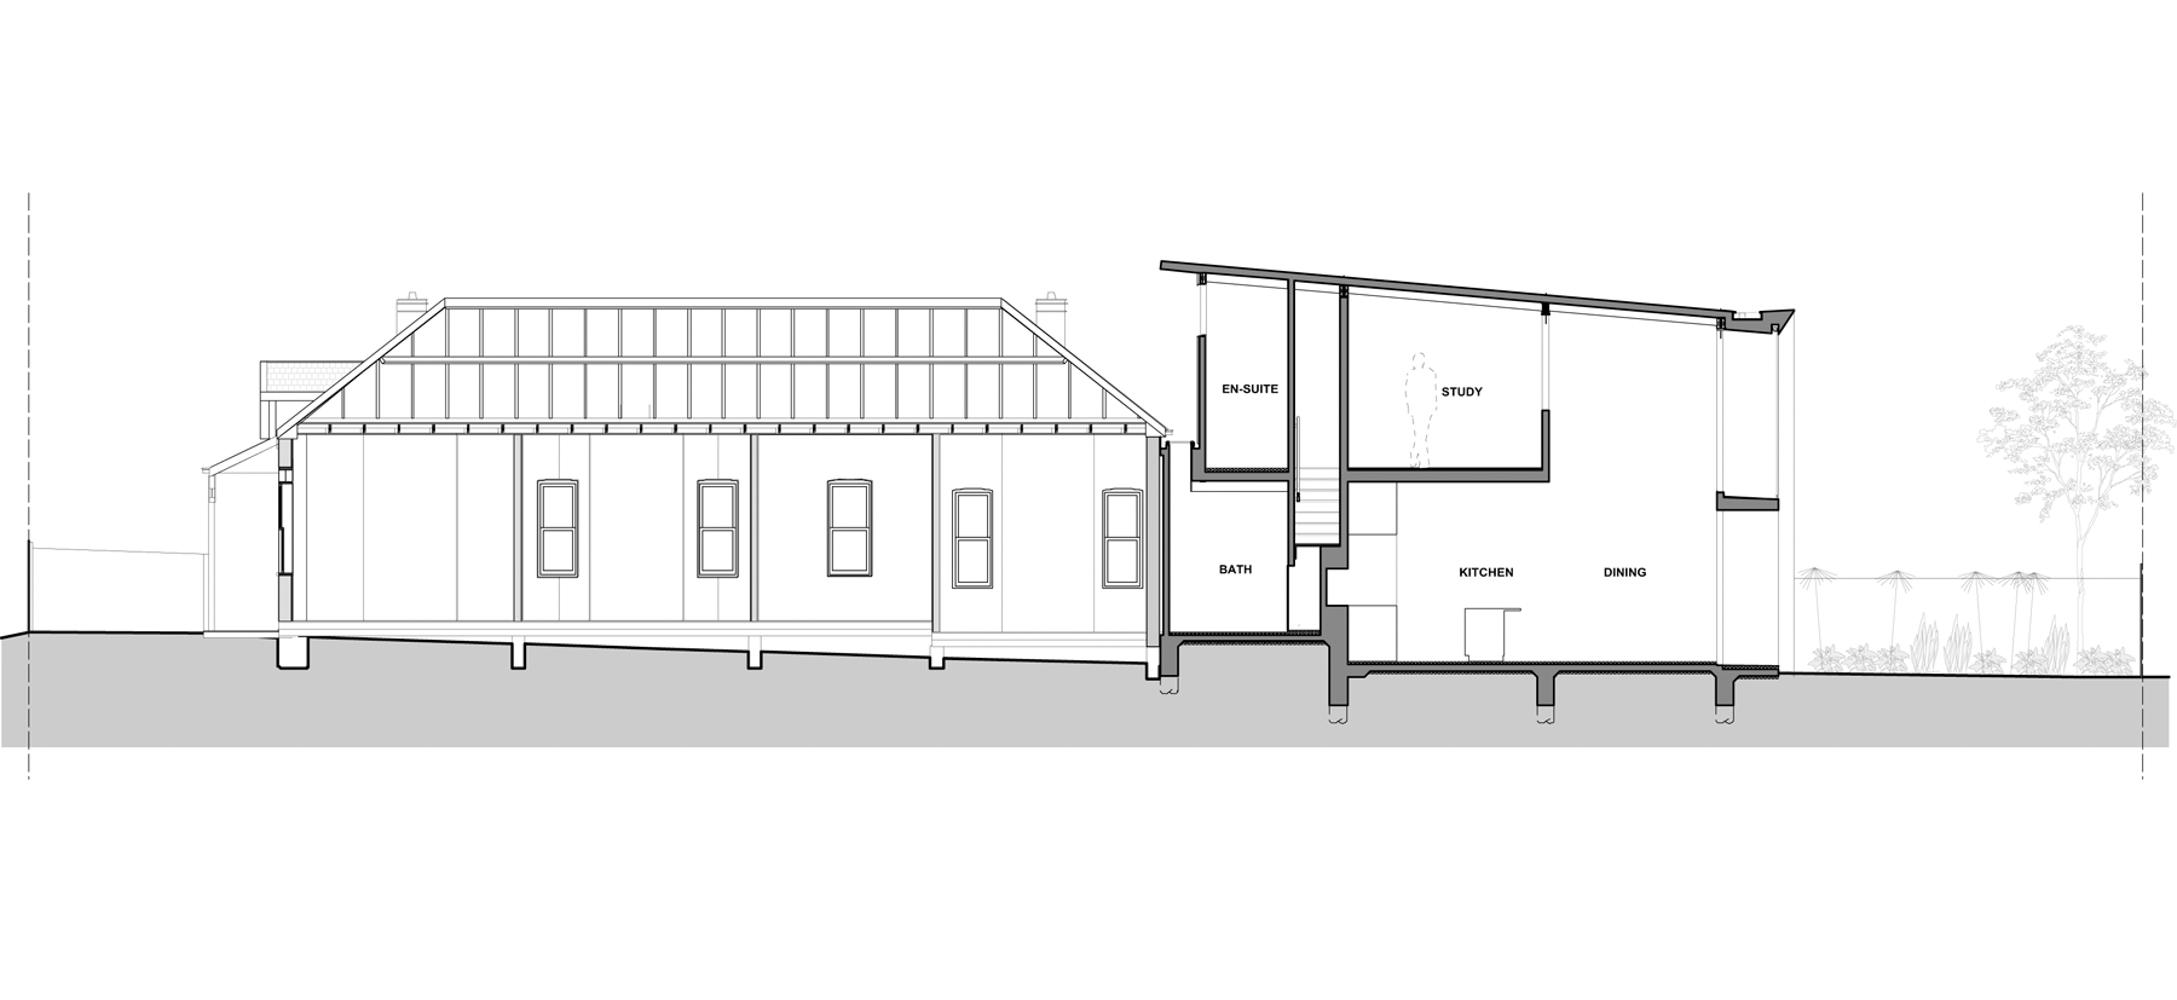 brick-aperture-house-kreis-grennan-architecture-the-design-emotive-15.jpg